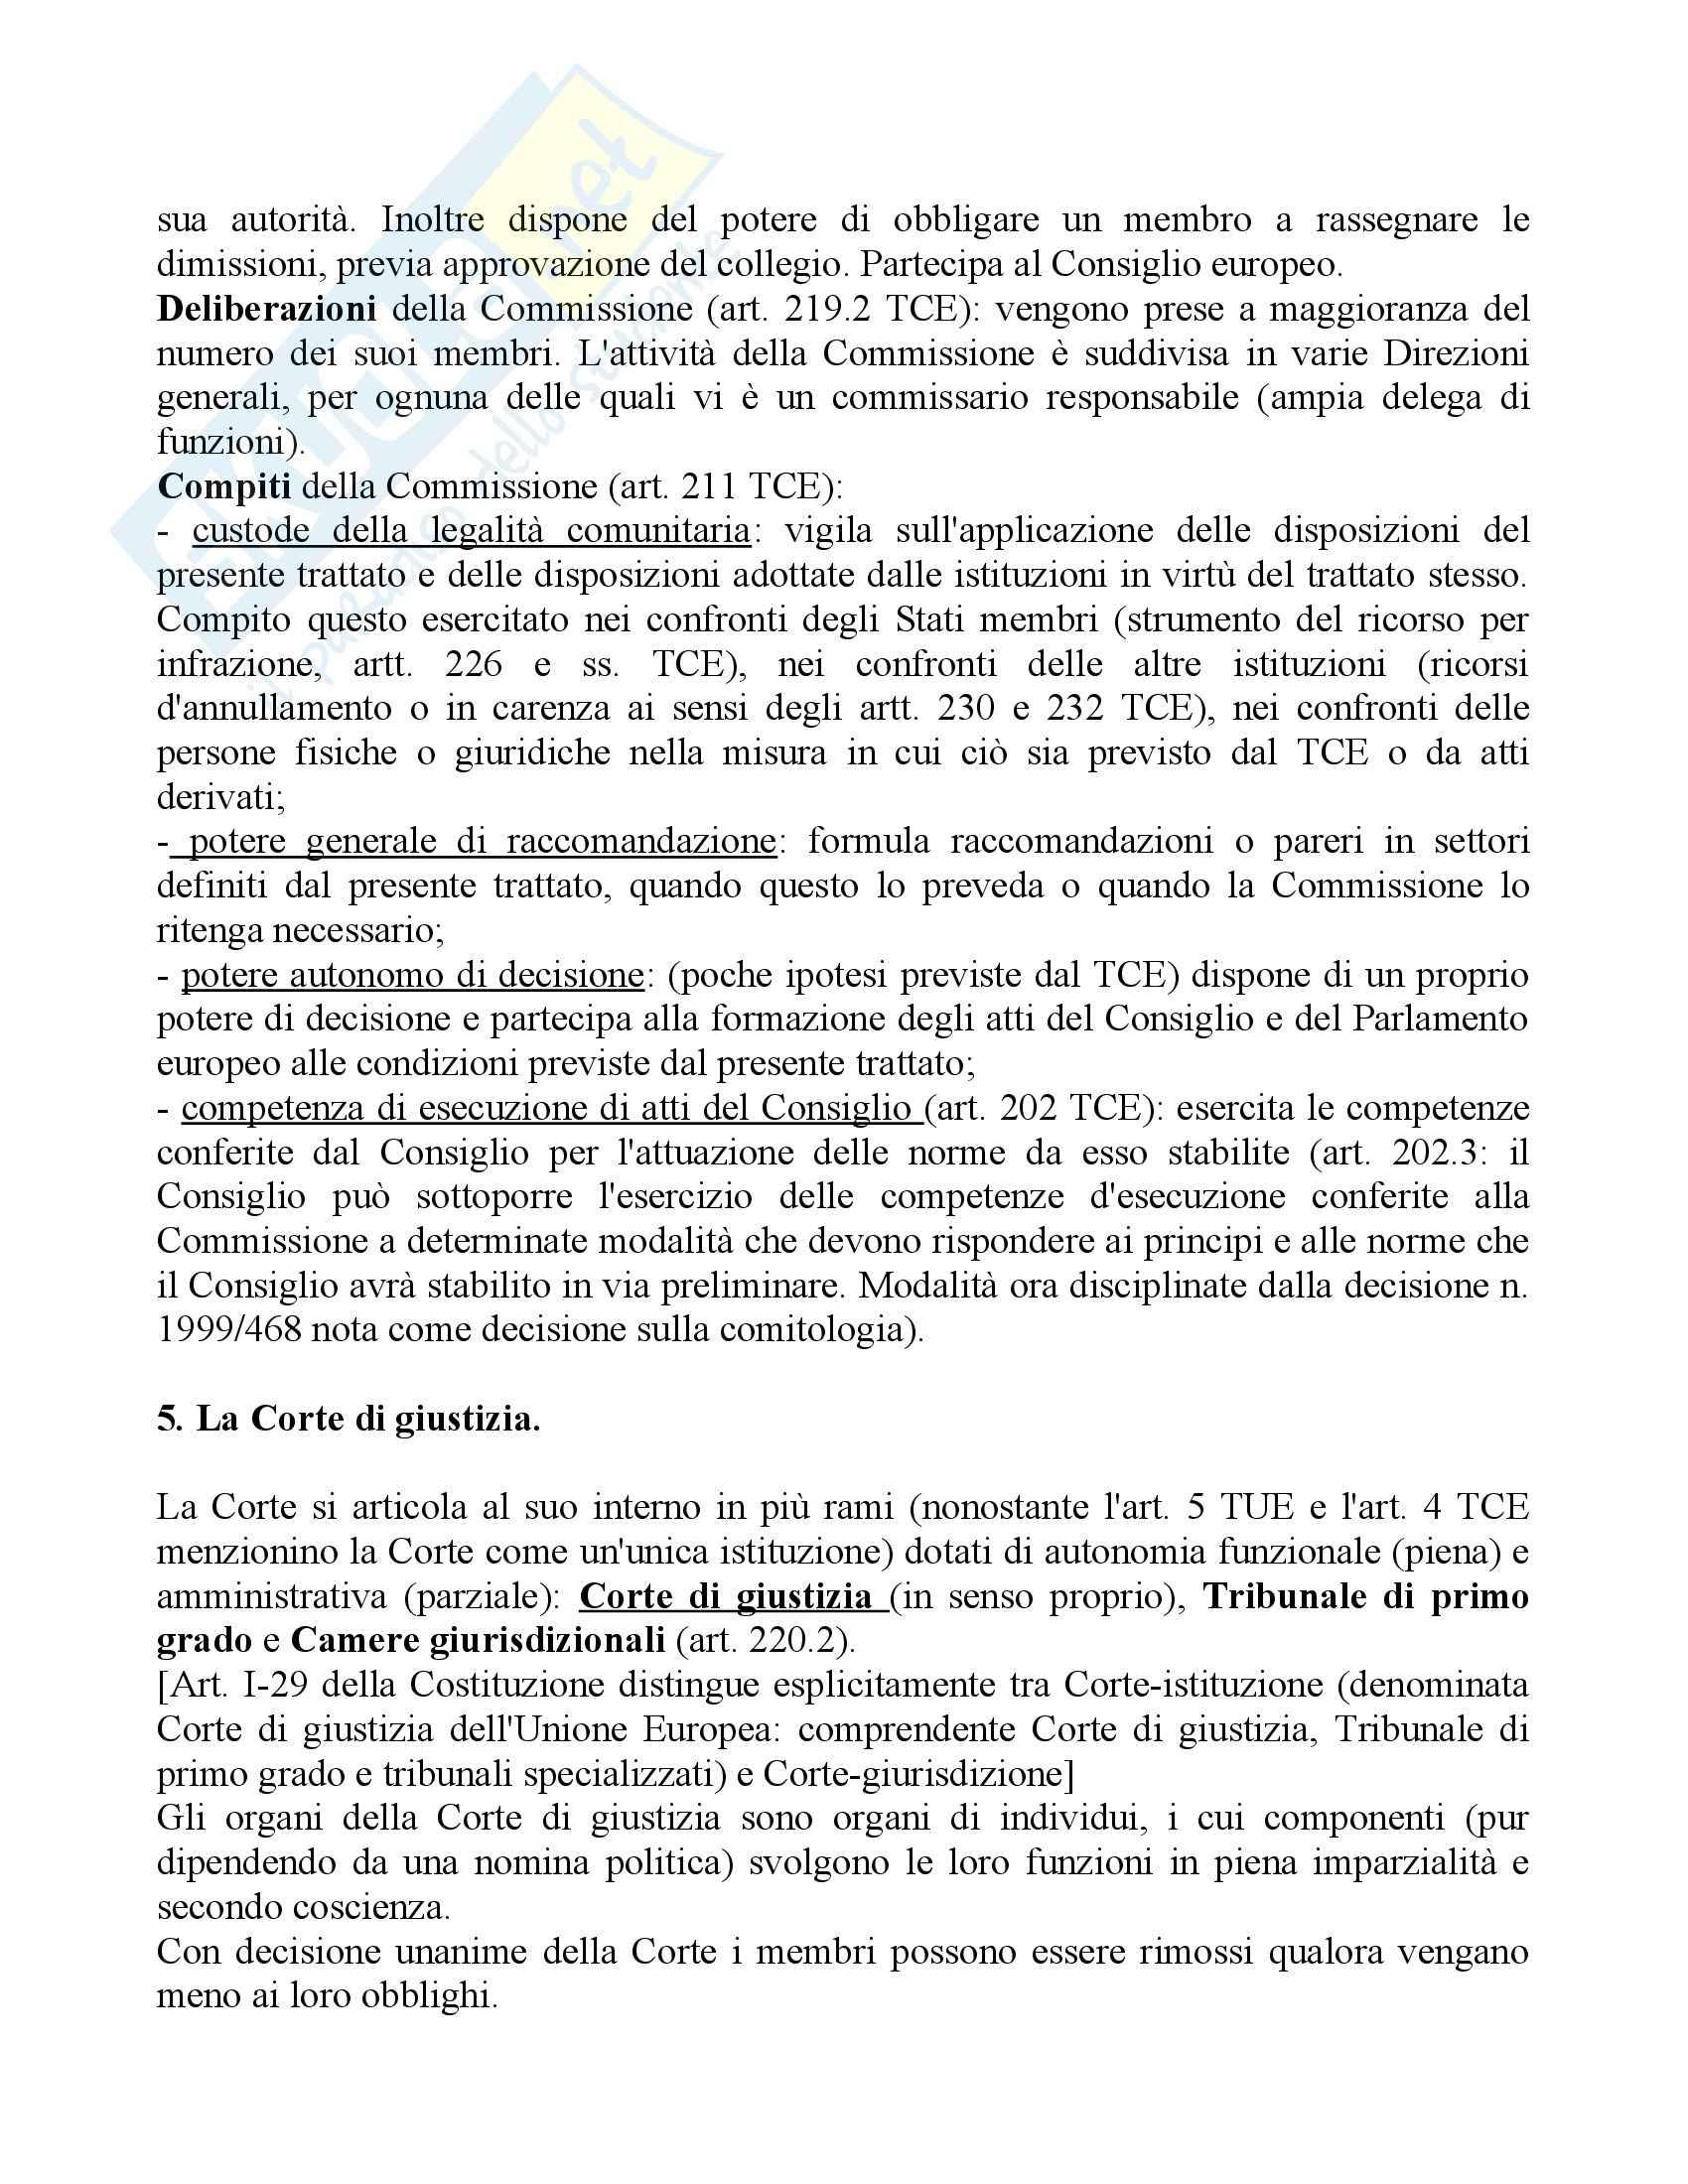 Riassunto esame Diritto, prof. Daniele, libro consigliato Diritto dell'Unione Europea Pag. 16